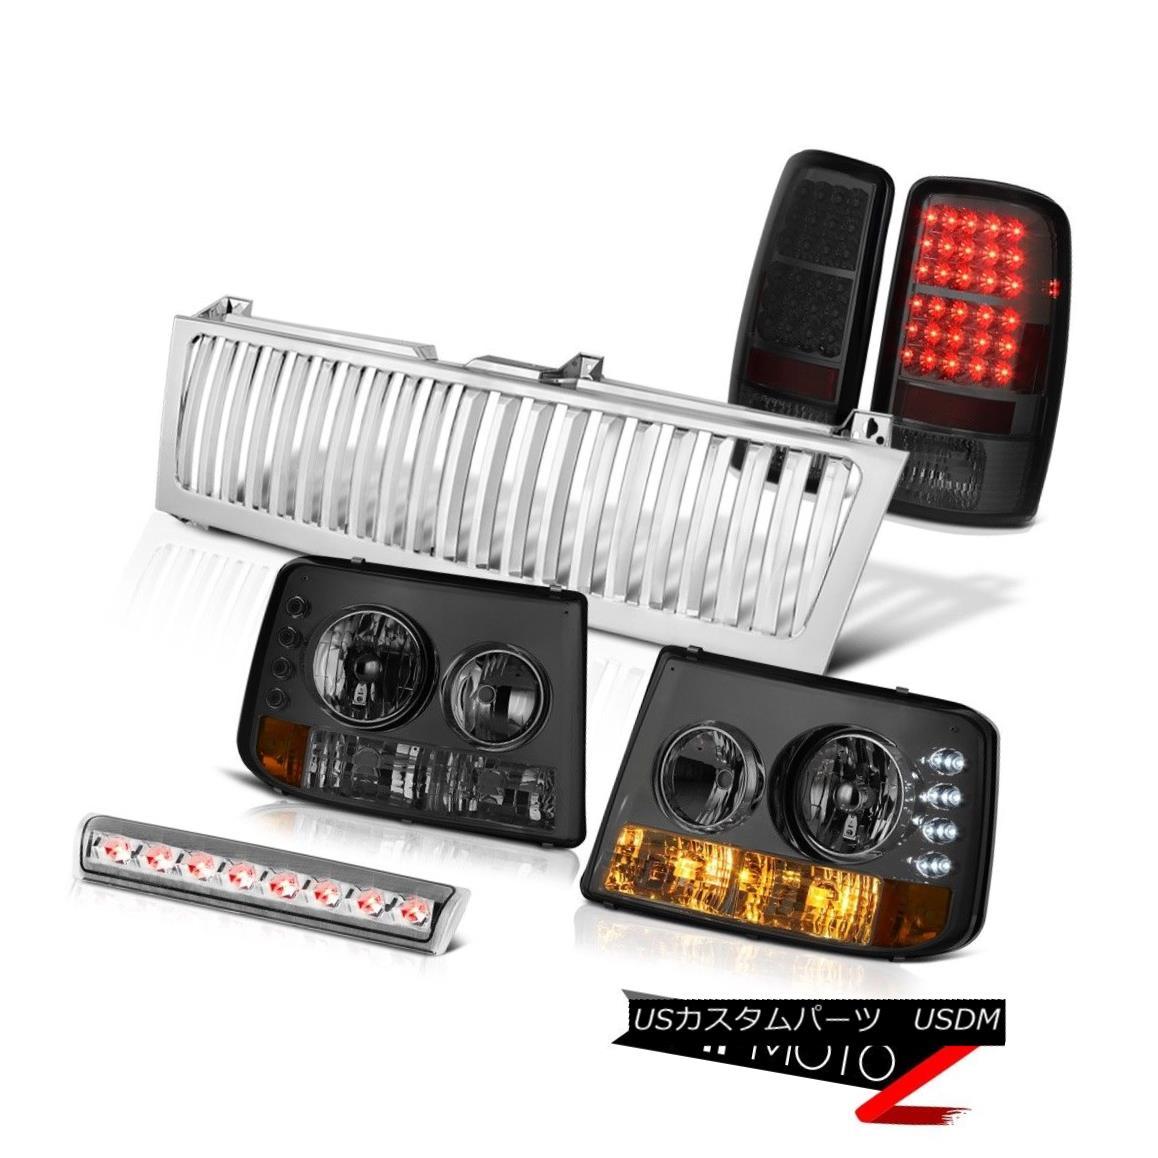 車用品 バイク用品 >> パーツ ライト ランプ テールライト 2000-2006 Suburban 2500 Bumper 最安値 人気海外一番 LED 3rd 2000-2006郊外2500バンパーヘッドライトスモークLEDテールライト第3ブレーキグリル Grille Headlights Smoke Brake Taillights